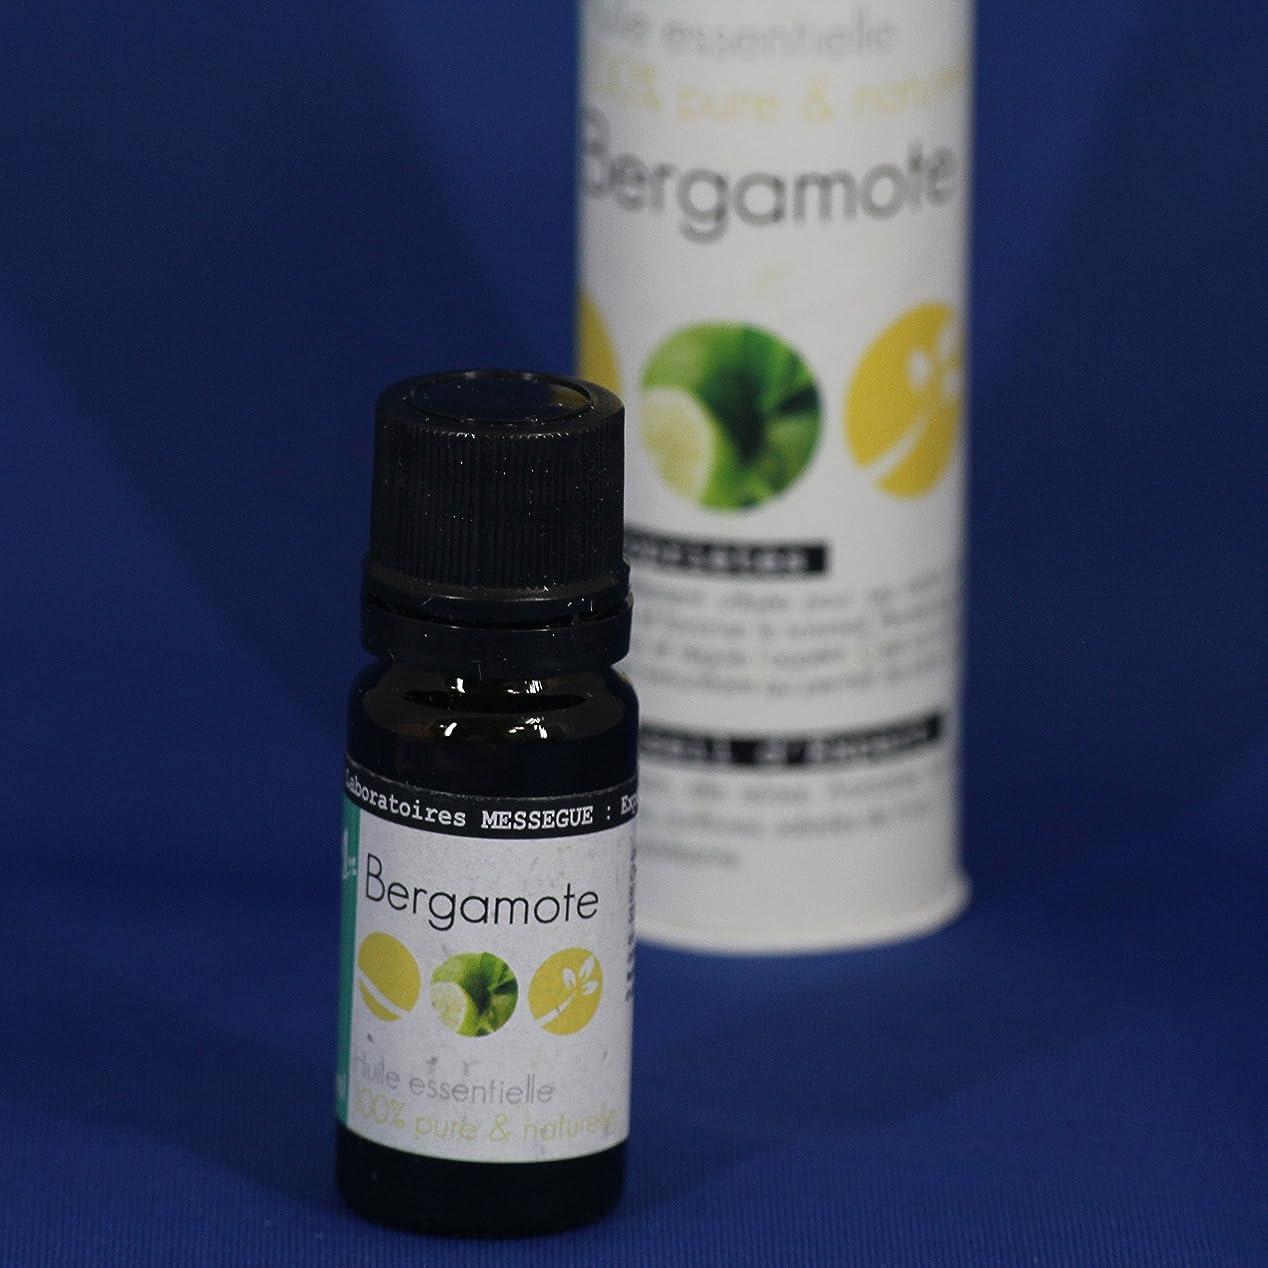 最大化する決して受粉者Labaratoires MESSEGUE Huile essentieiie  100%pure&naturelle Bergamote モーリスメセゲ エッセンシャルオイル ベルガモット